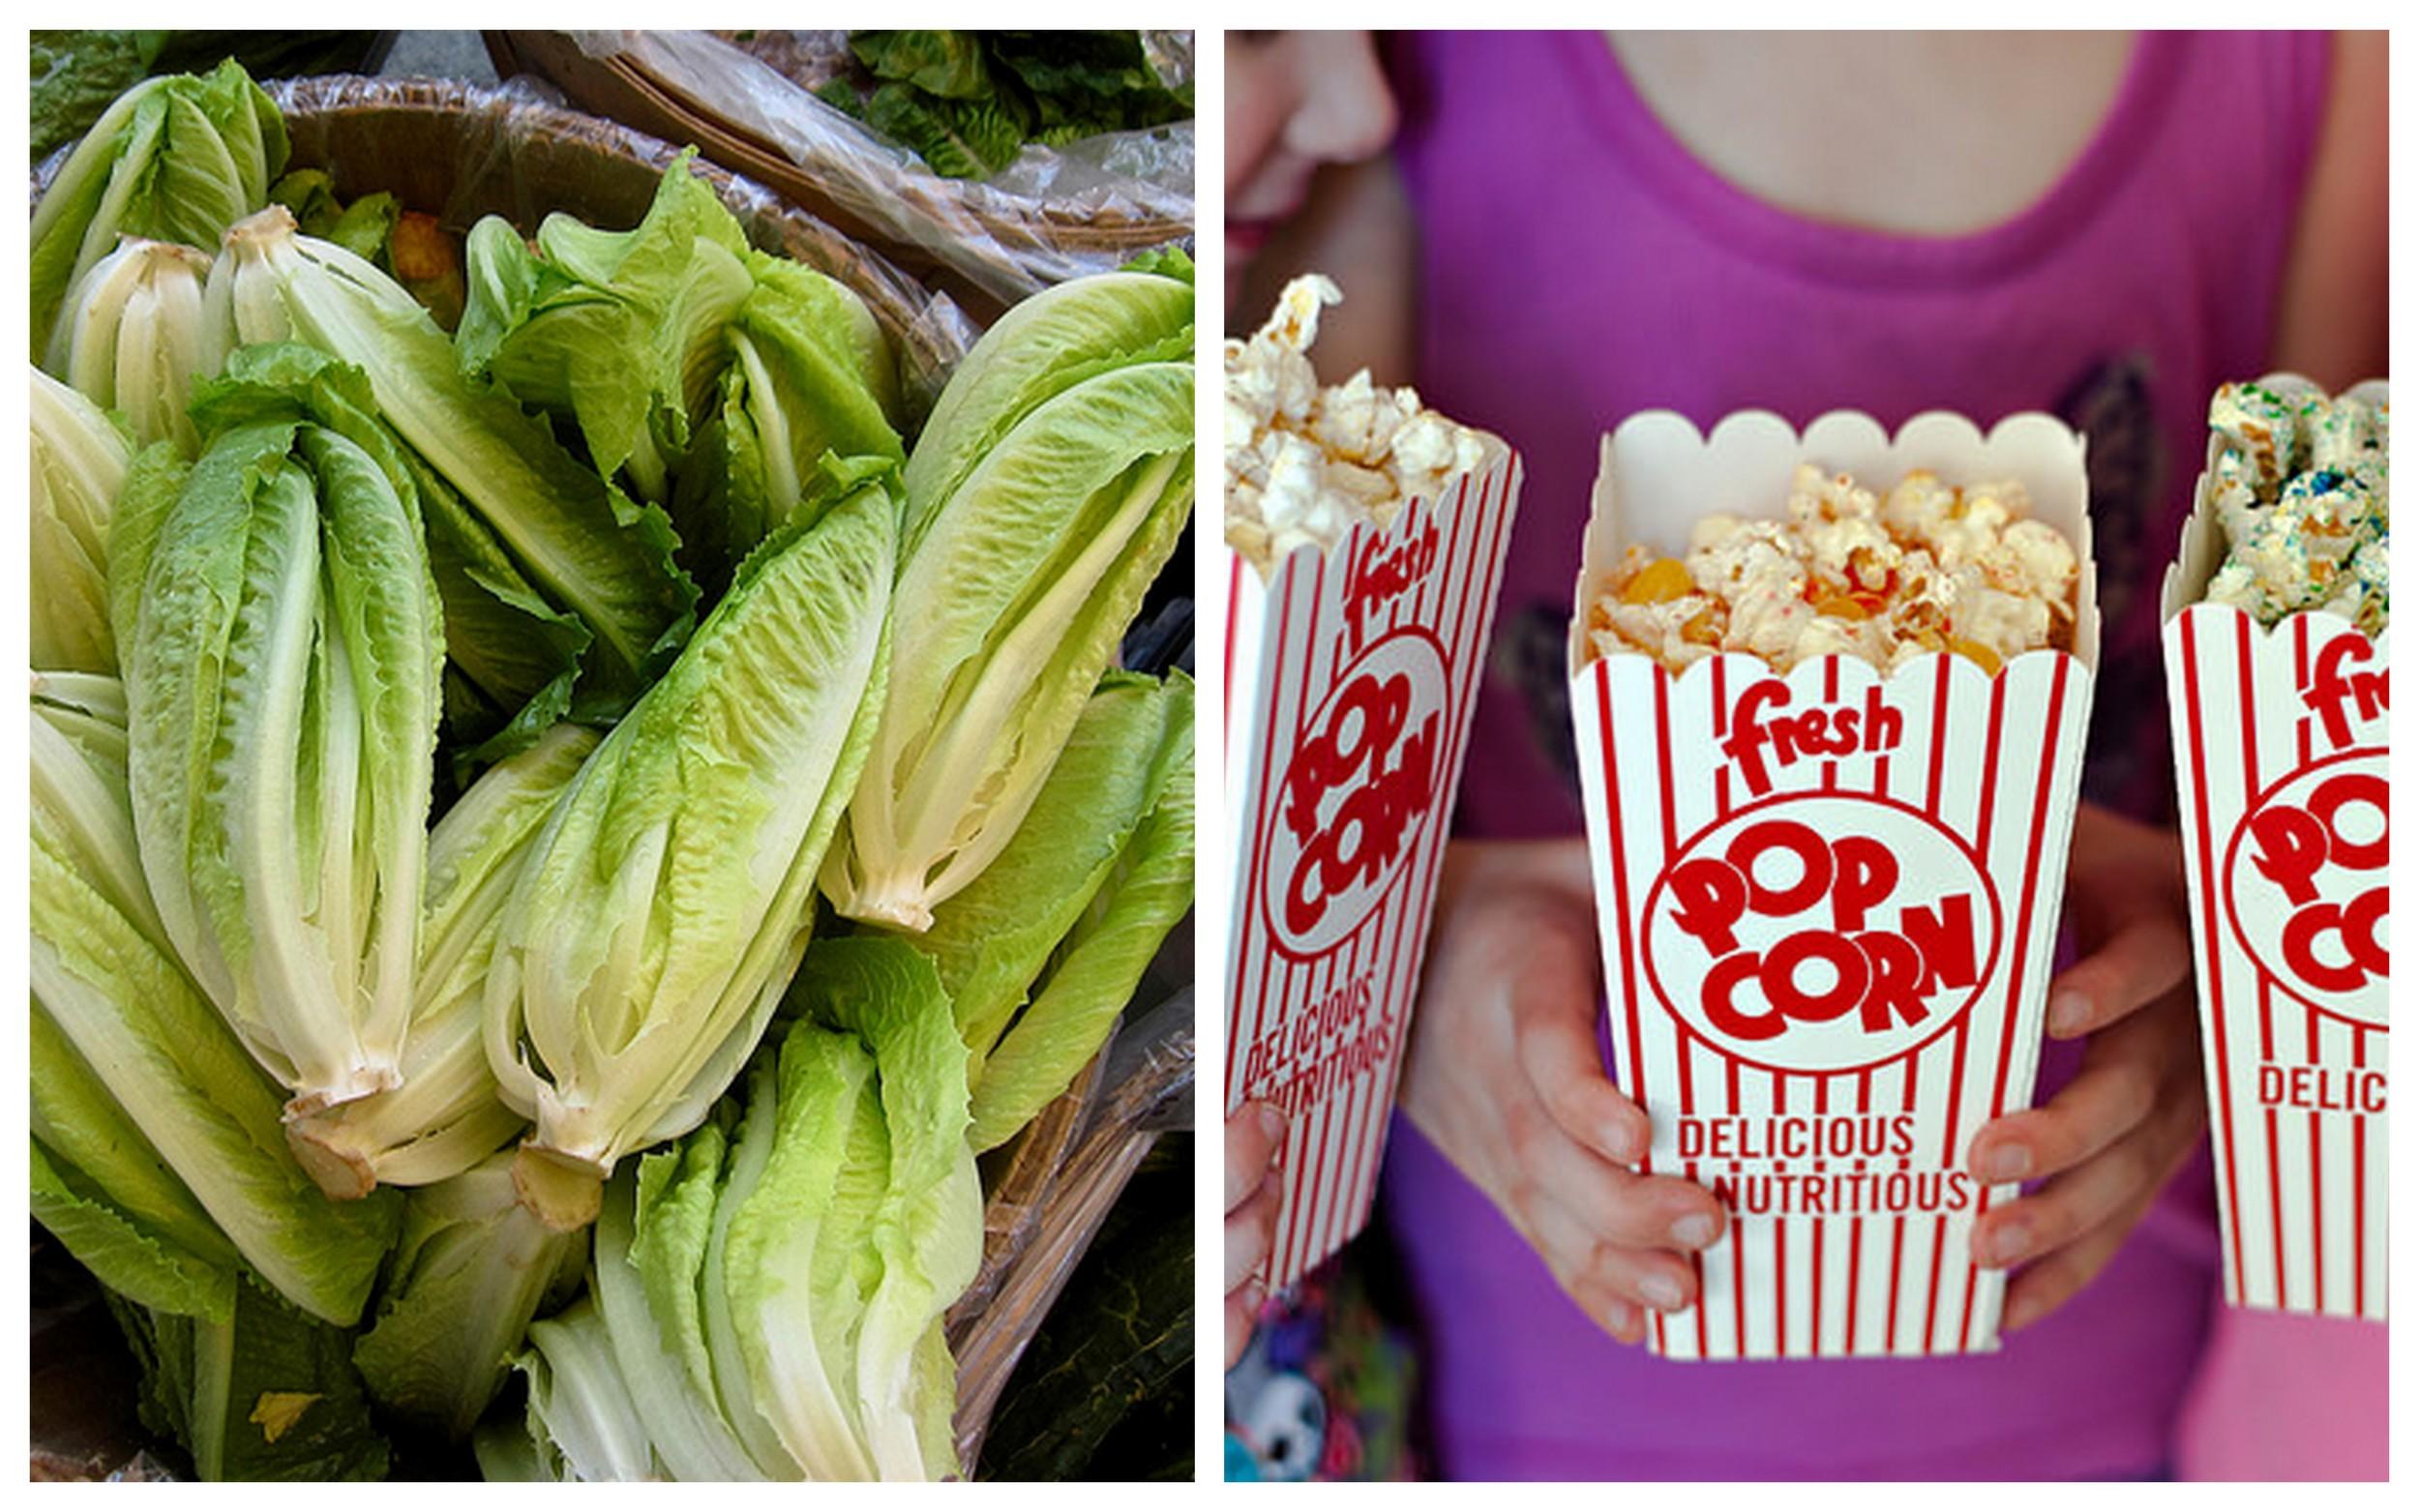 Romaine lettuce    and    medium movie popcorn   .